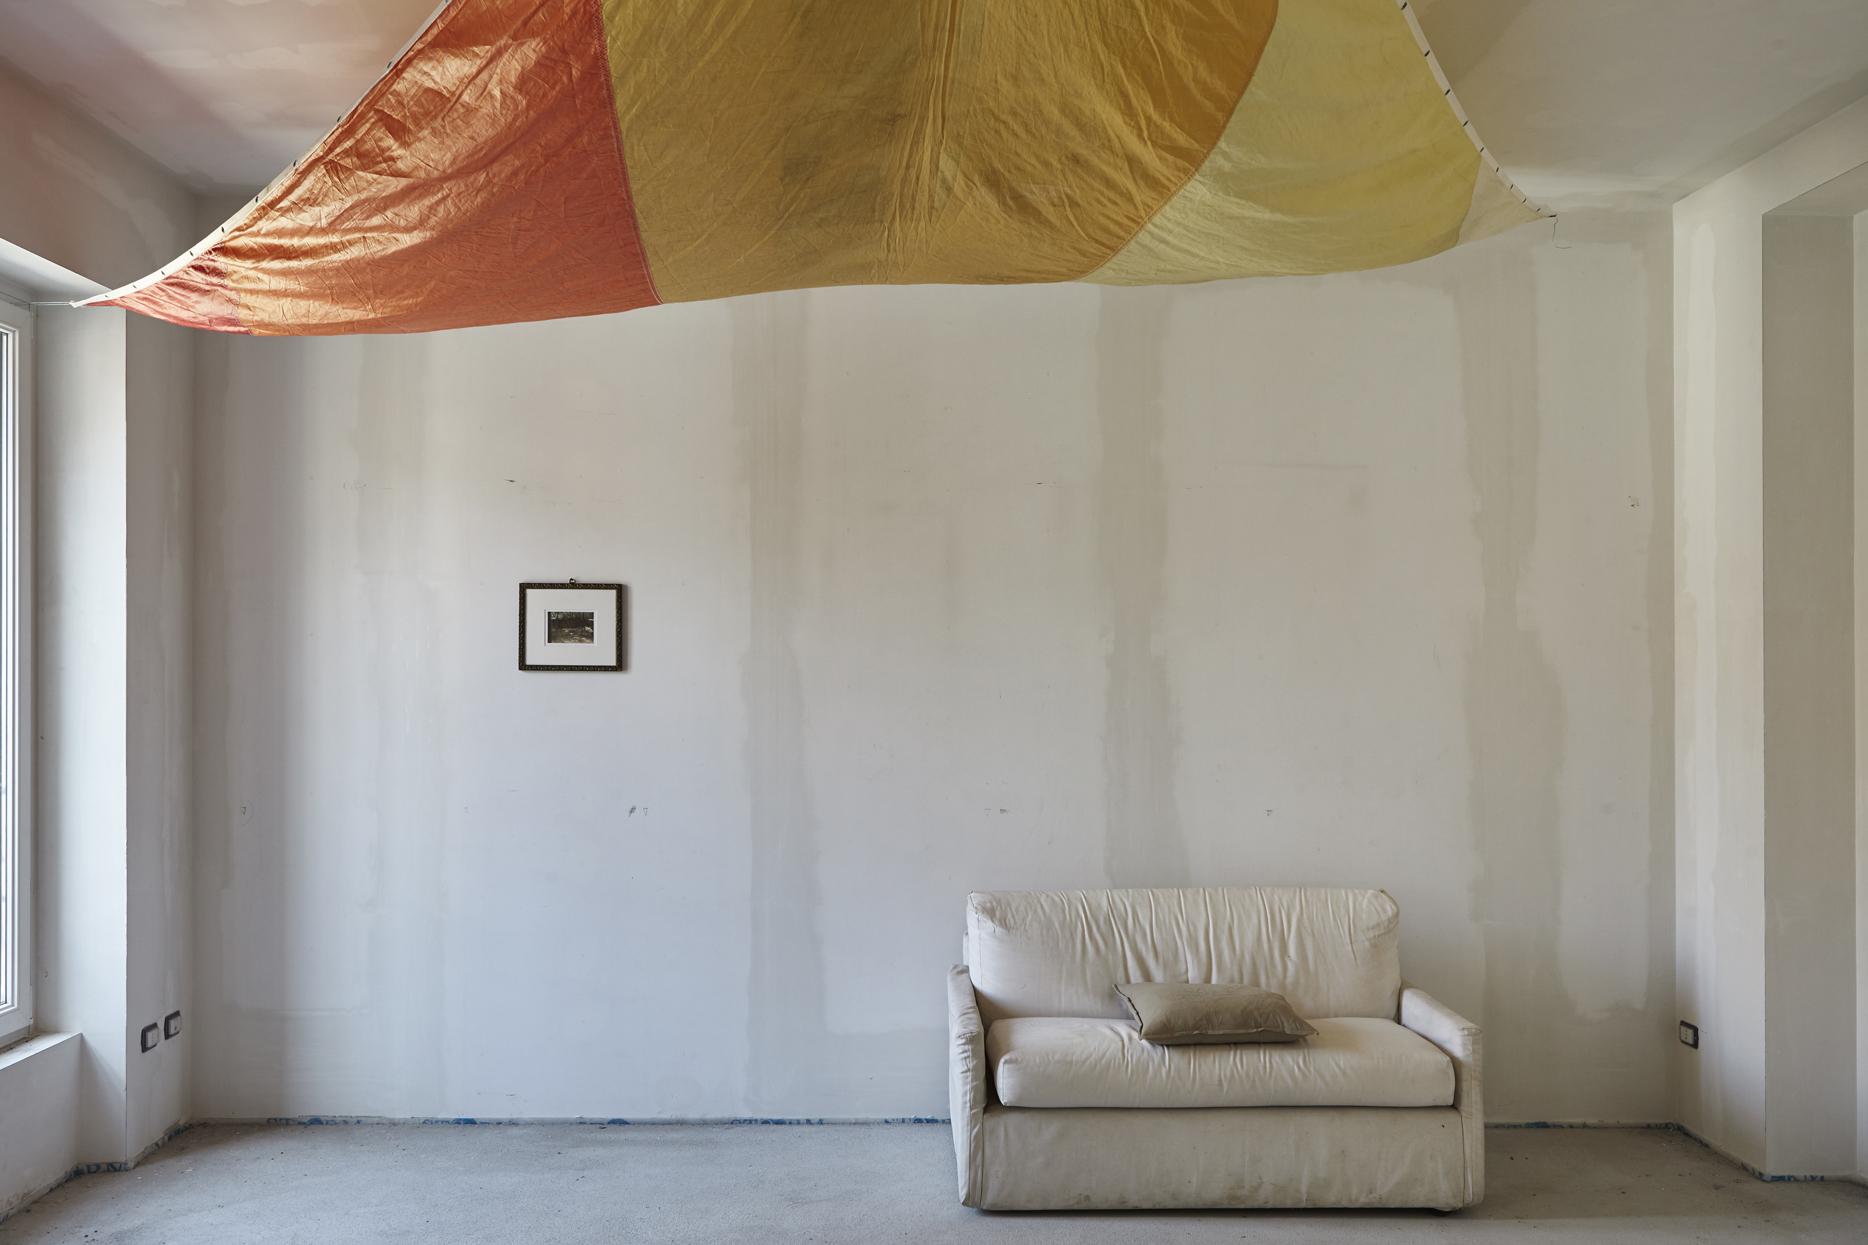 Giovanni Oberti, Terzo piano a sinistra, Installation view, FuturDome Milano, agosto 2016, ph. Floriana Giacinti